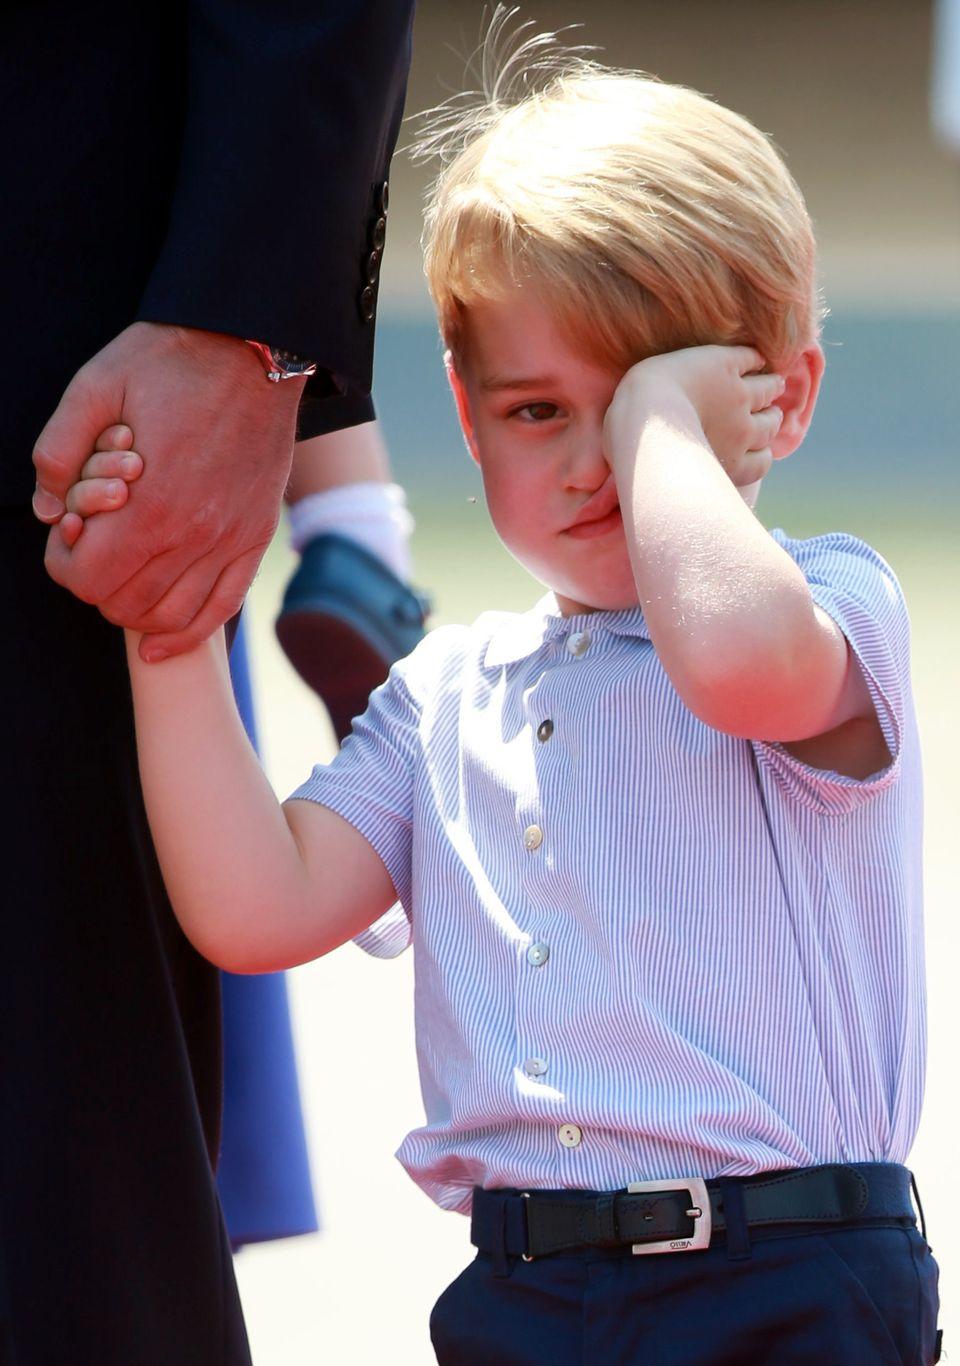 27 fotos do Príncipe George que provam que ele é o membro mais expressivo (e fofo) da Família